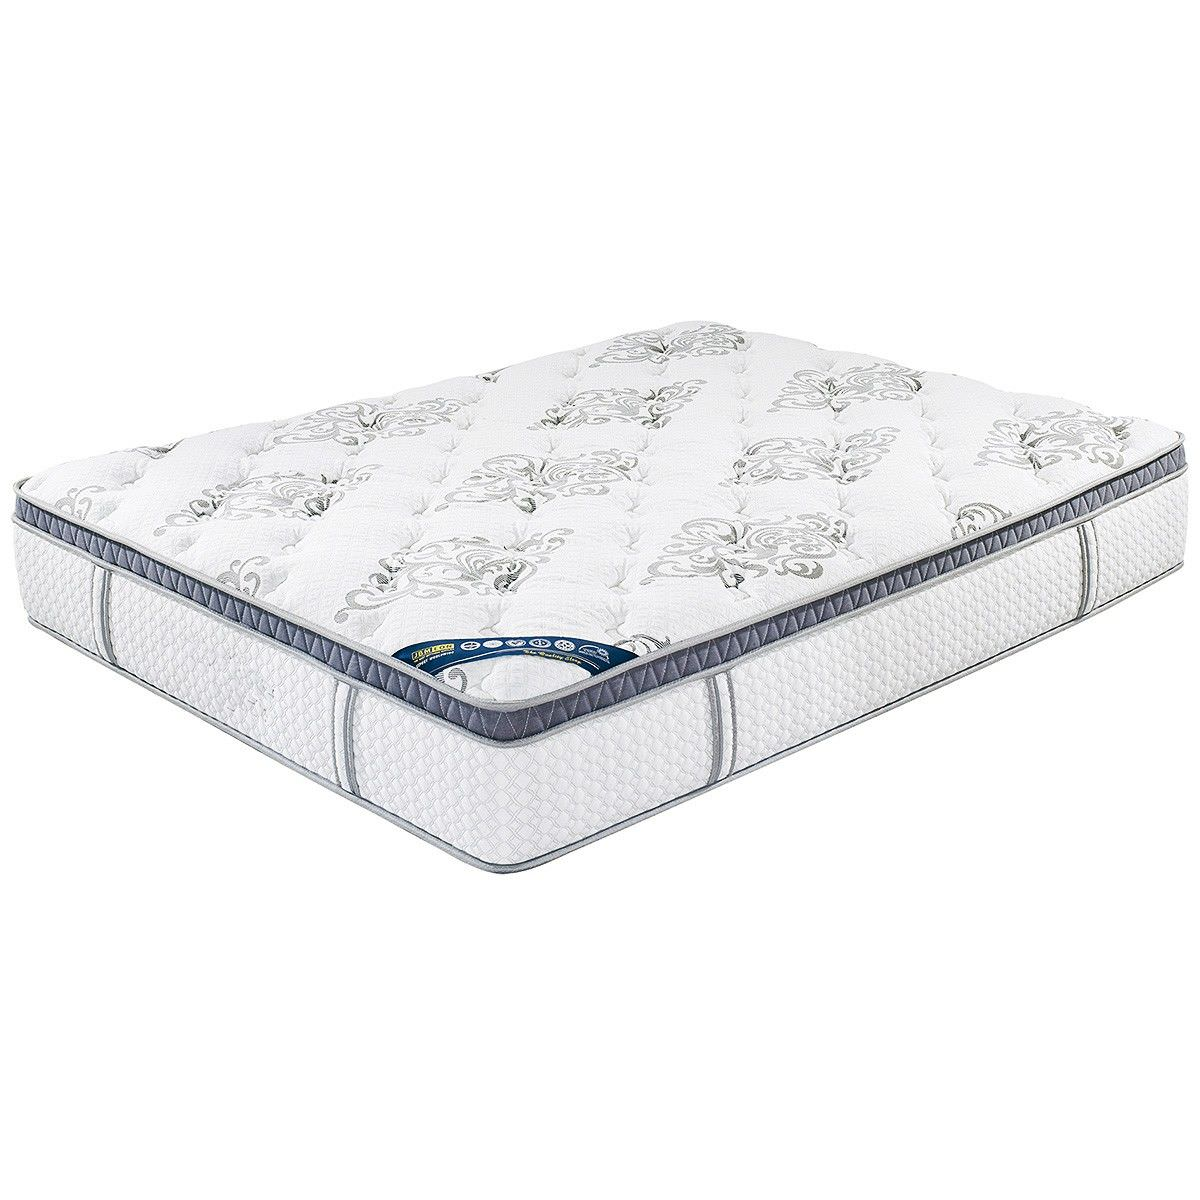 Oasby Medium Firm Pocket Spring Mattress with Memory Foam Pillow Top, Queen